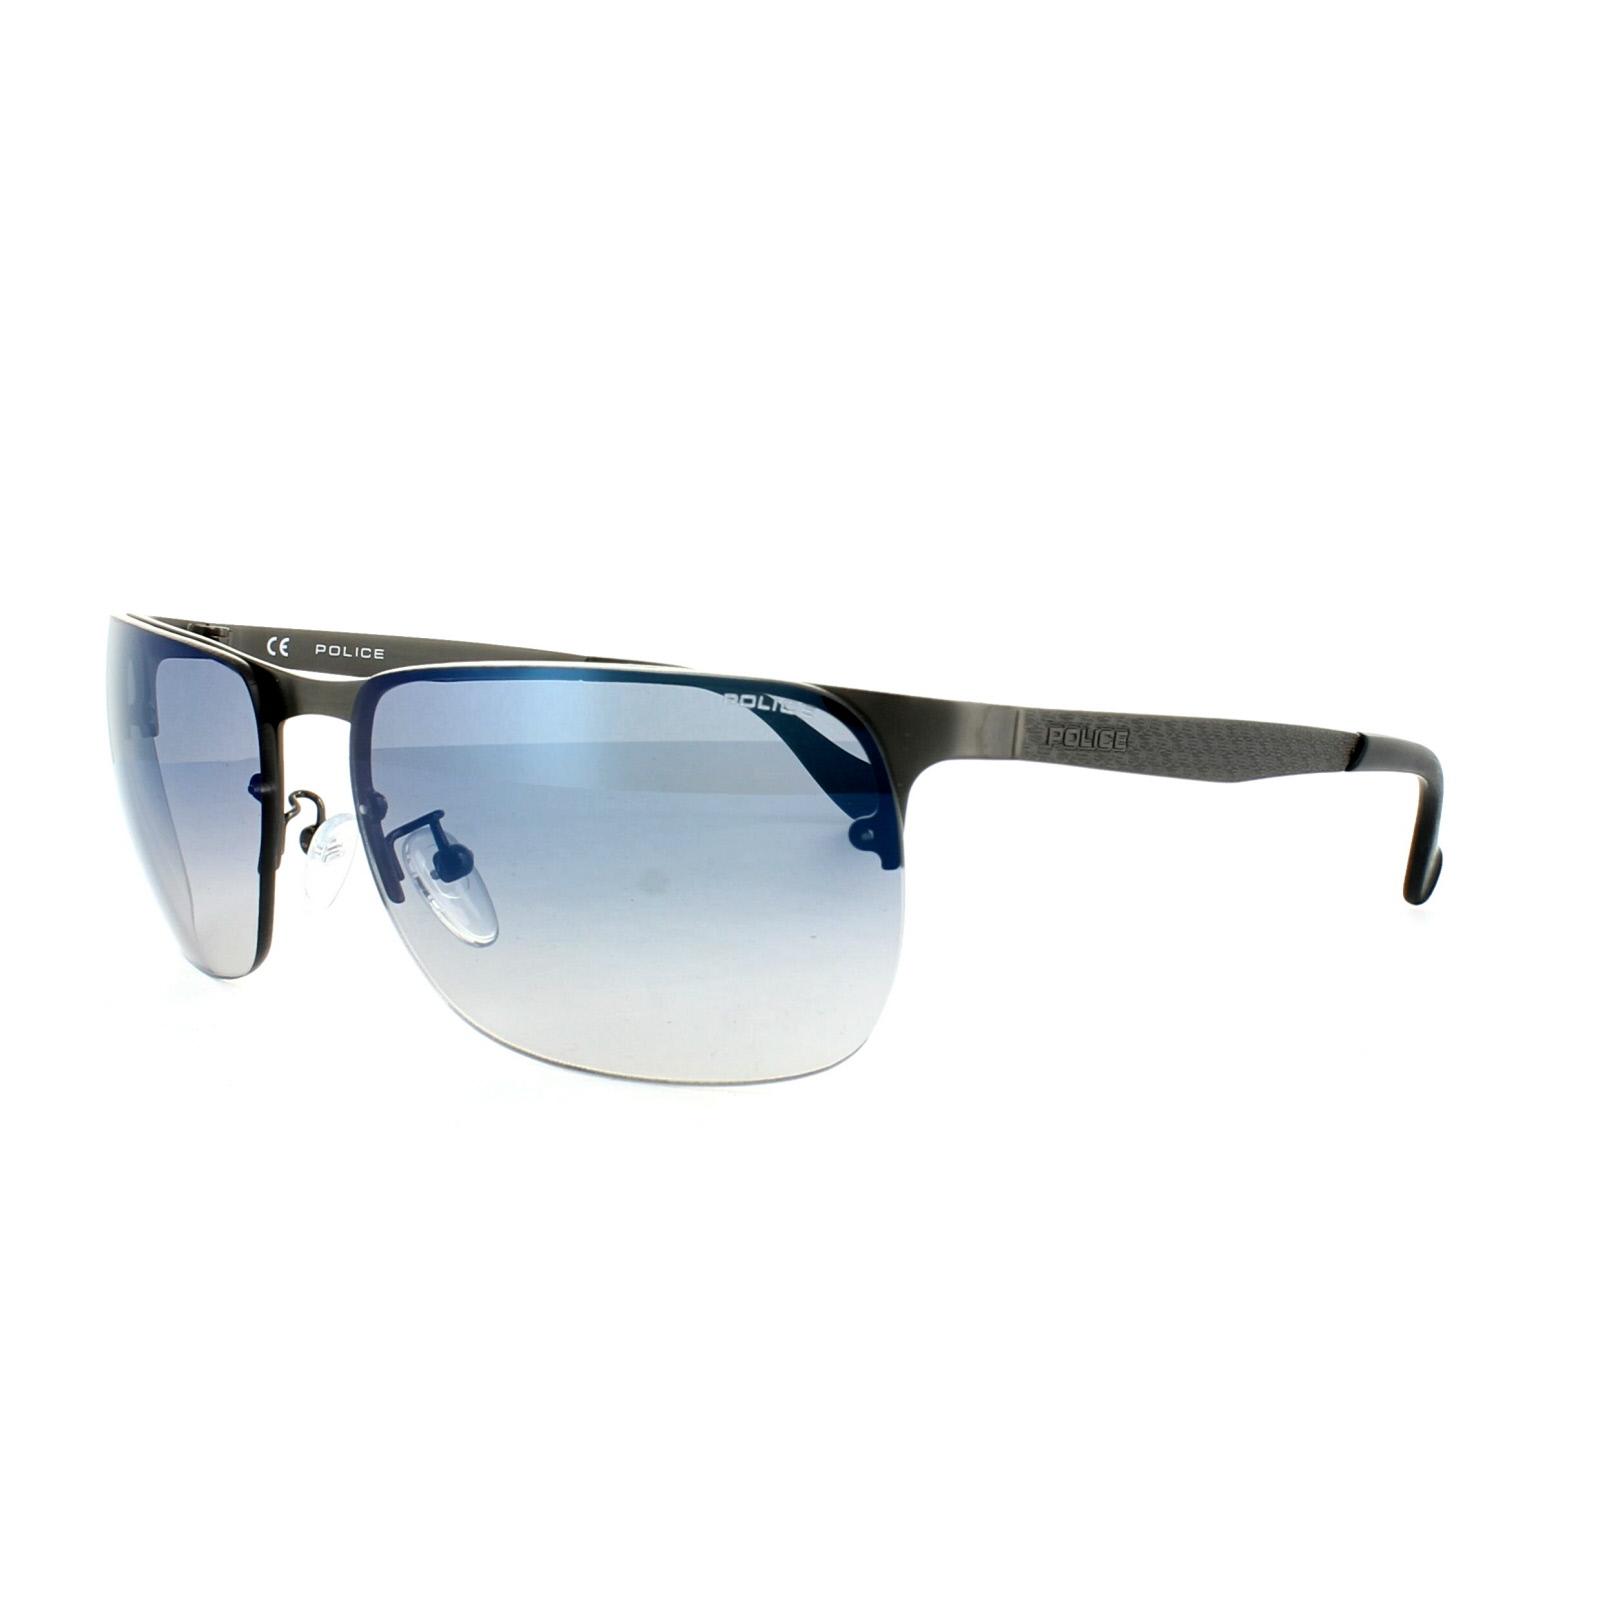 4e3a6f1a14 Police Sunglasses S8957 Defense 2 627B Gunmetal Gradient